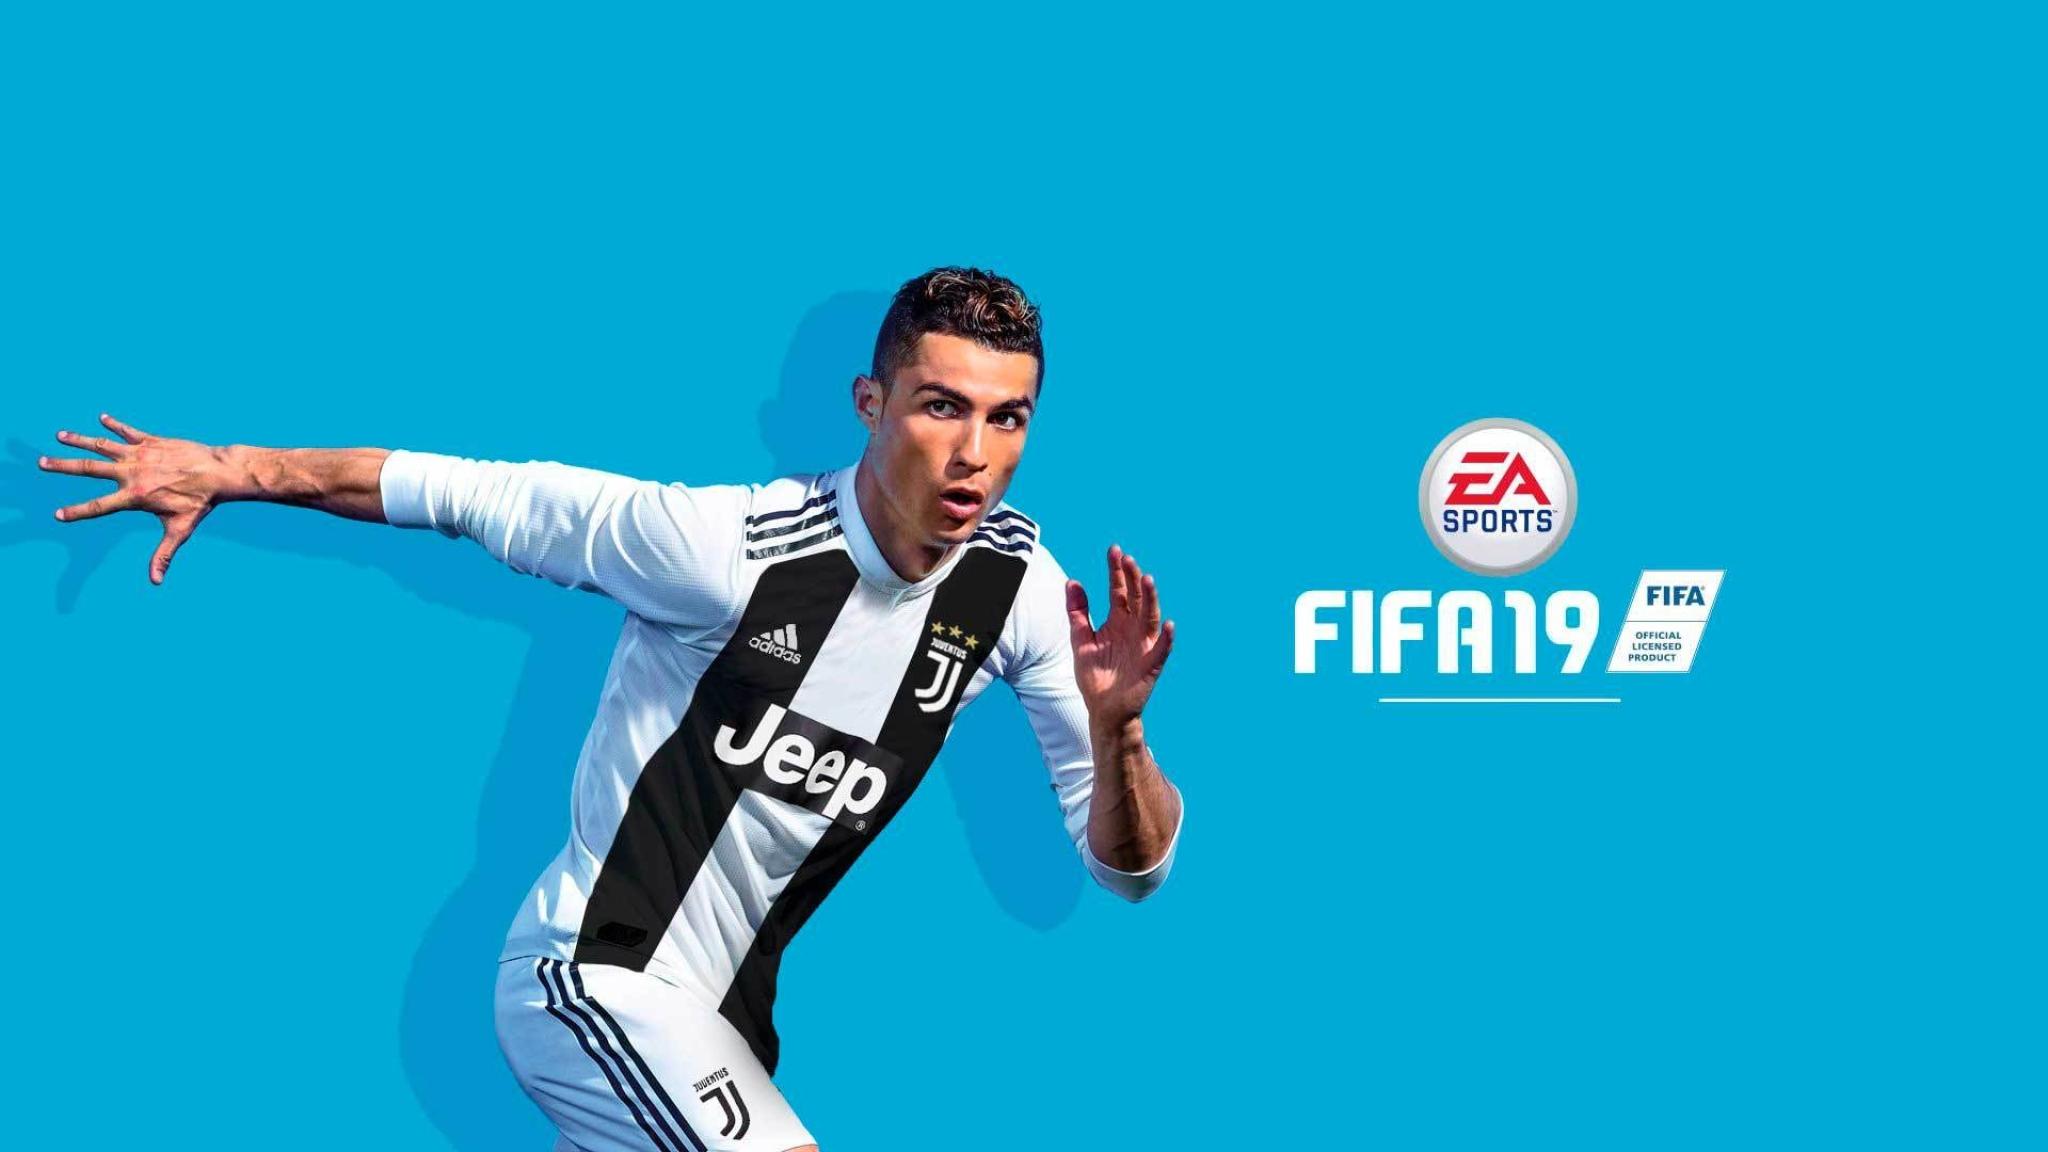 2048x1152 Cristiano Ronaldo FIFA 19